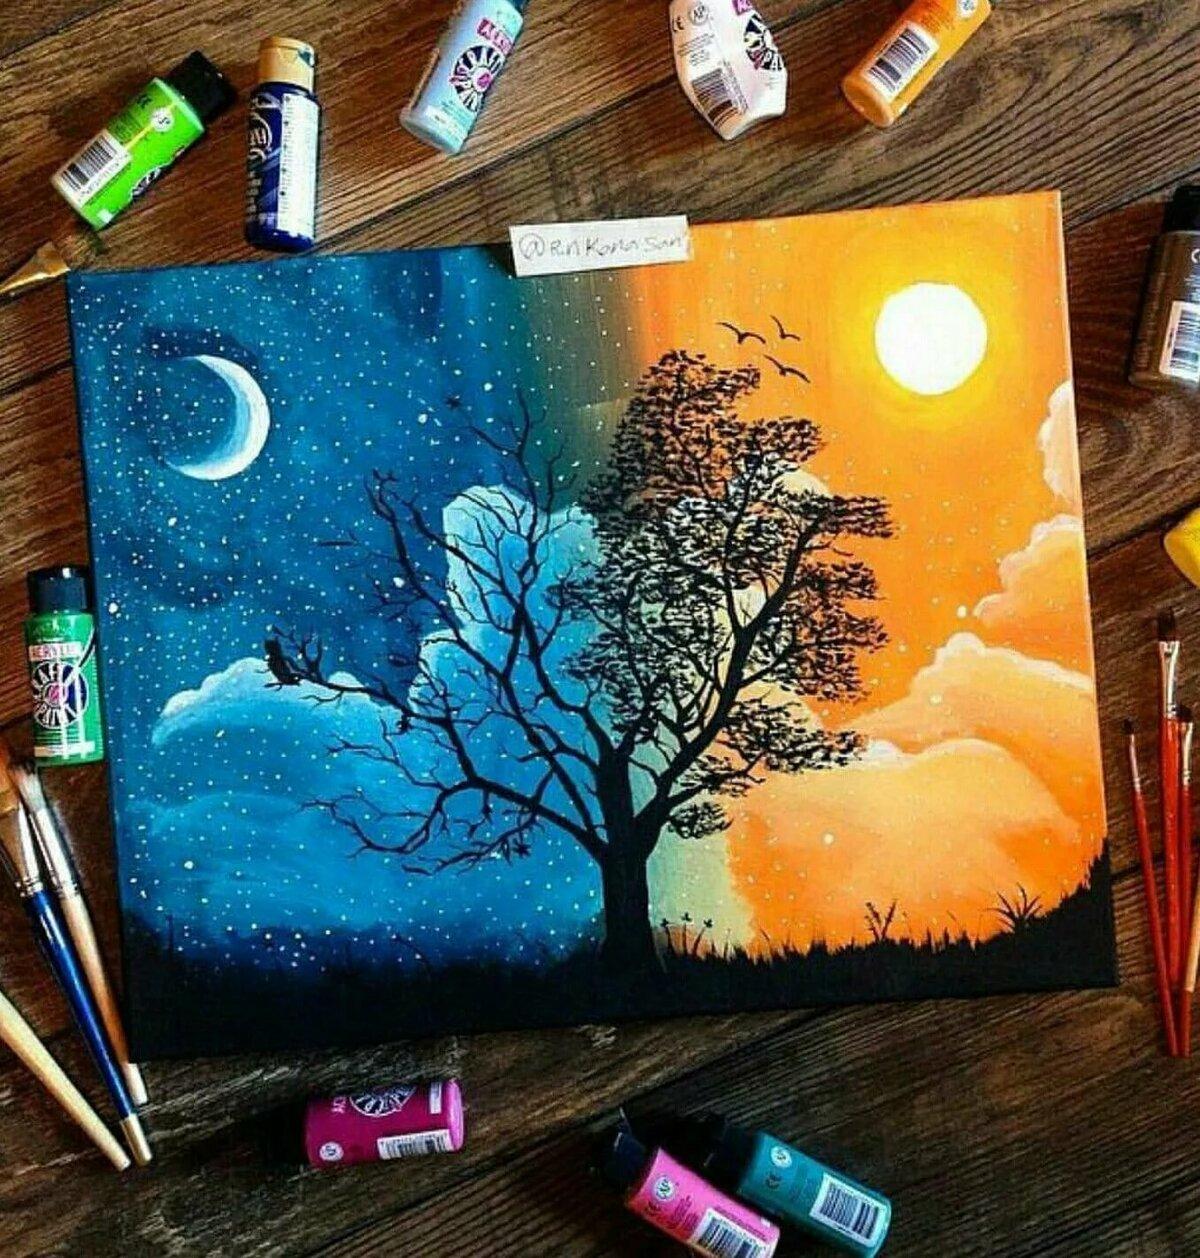 Картинки день и ночь для срисовки, будильника для детей